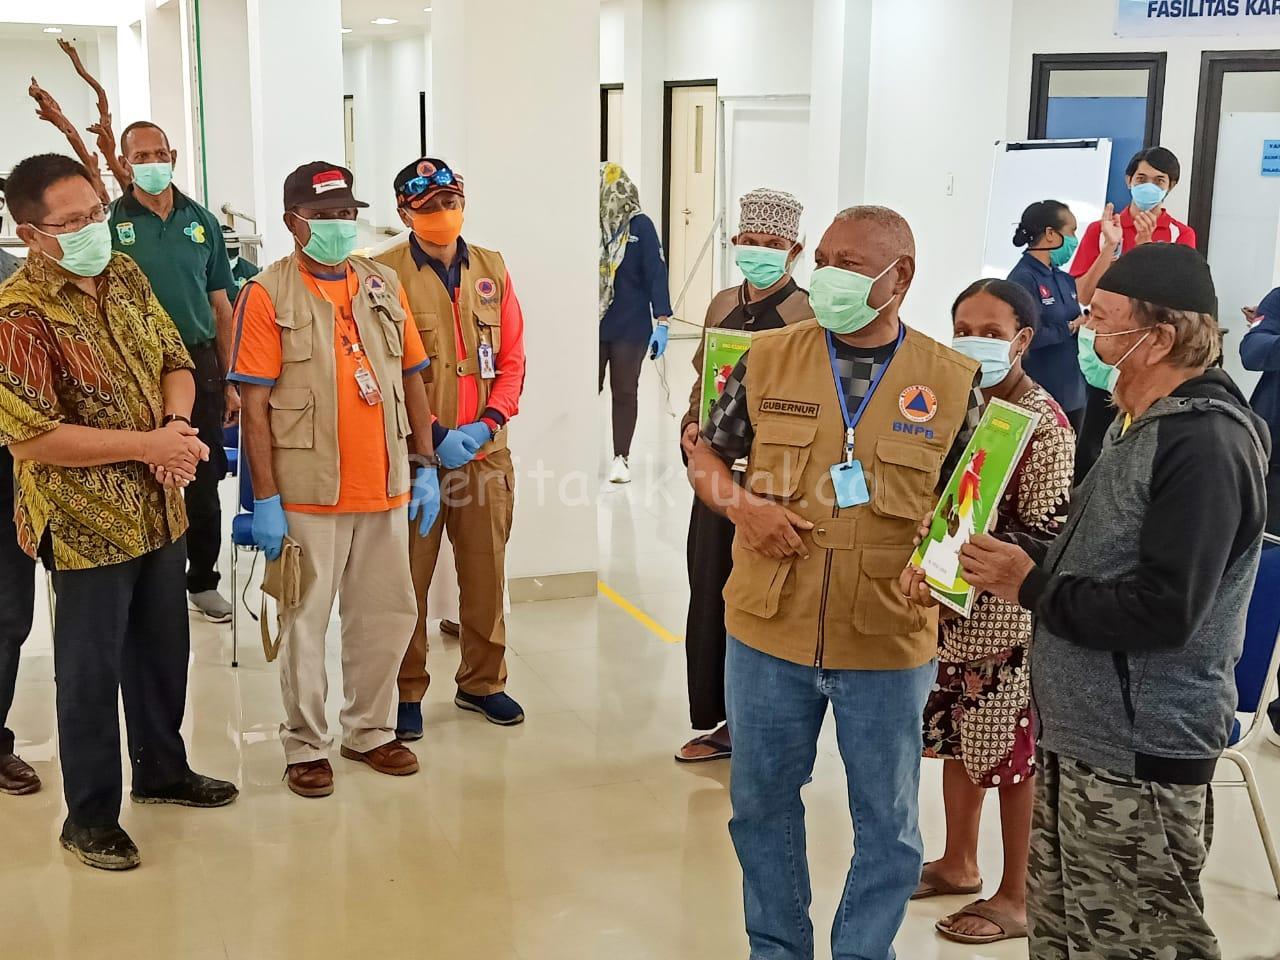 Tiga Pasien Manokwari Sembuh Corona, Gubernur PB: Warga Jangan Tolak Mereka 1 IMG 20200516 WA0035